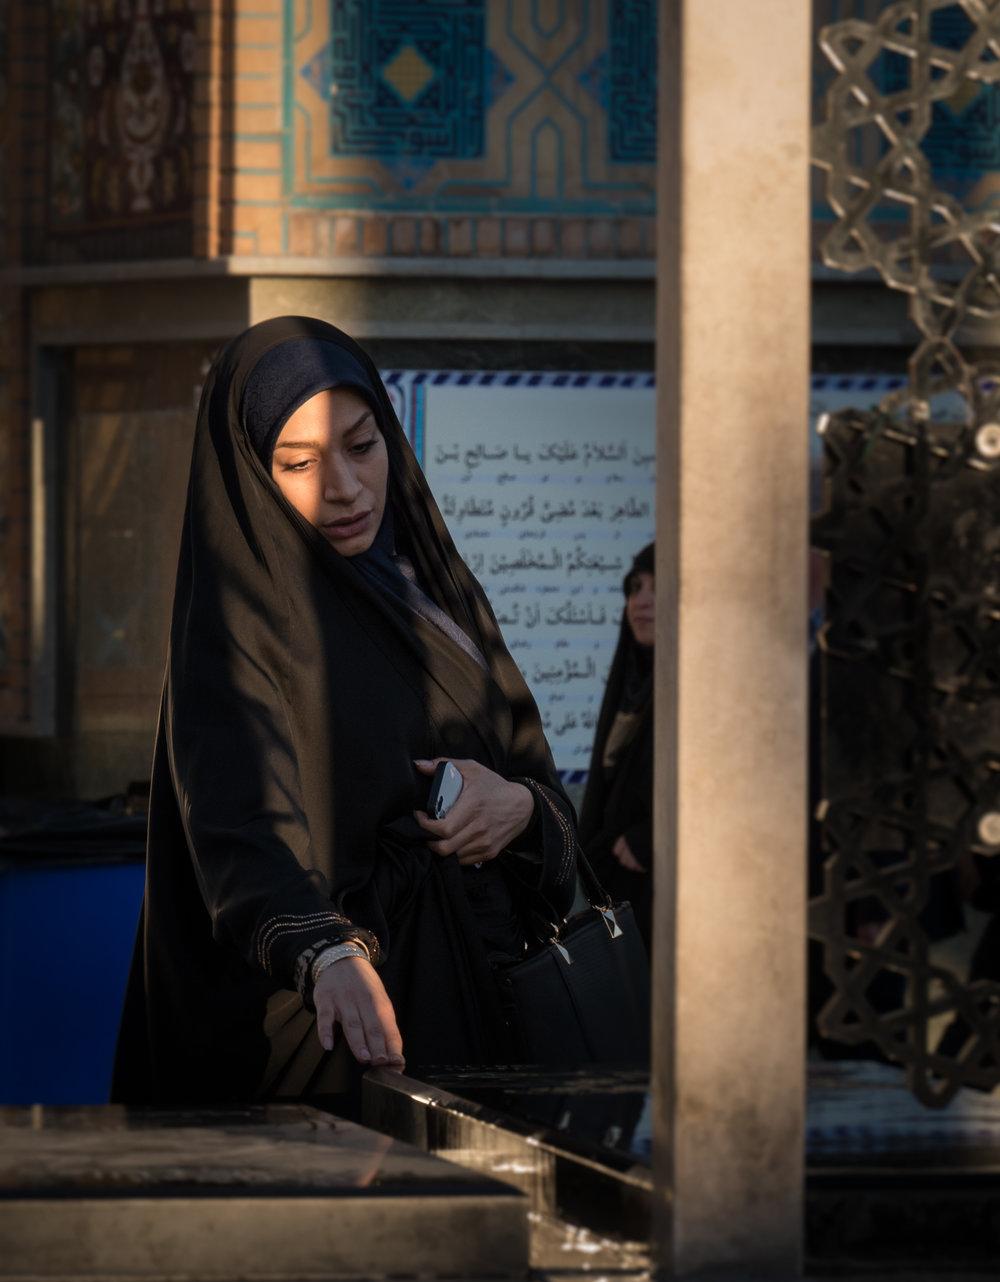 TIL_Iran-1110728-2.jpg